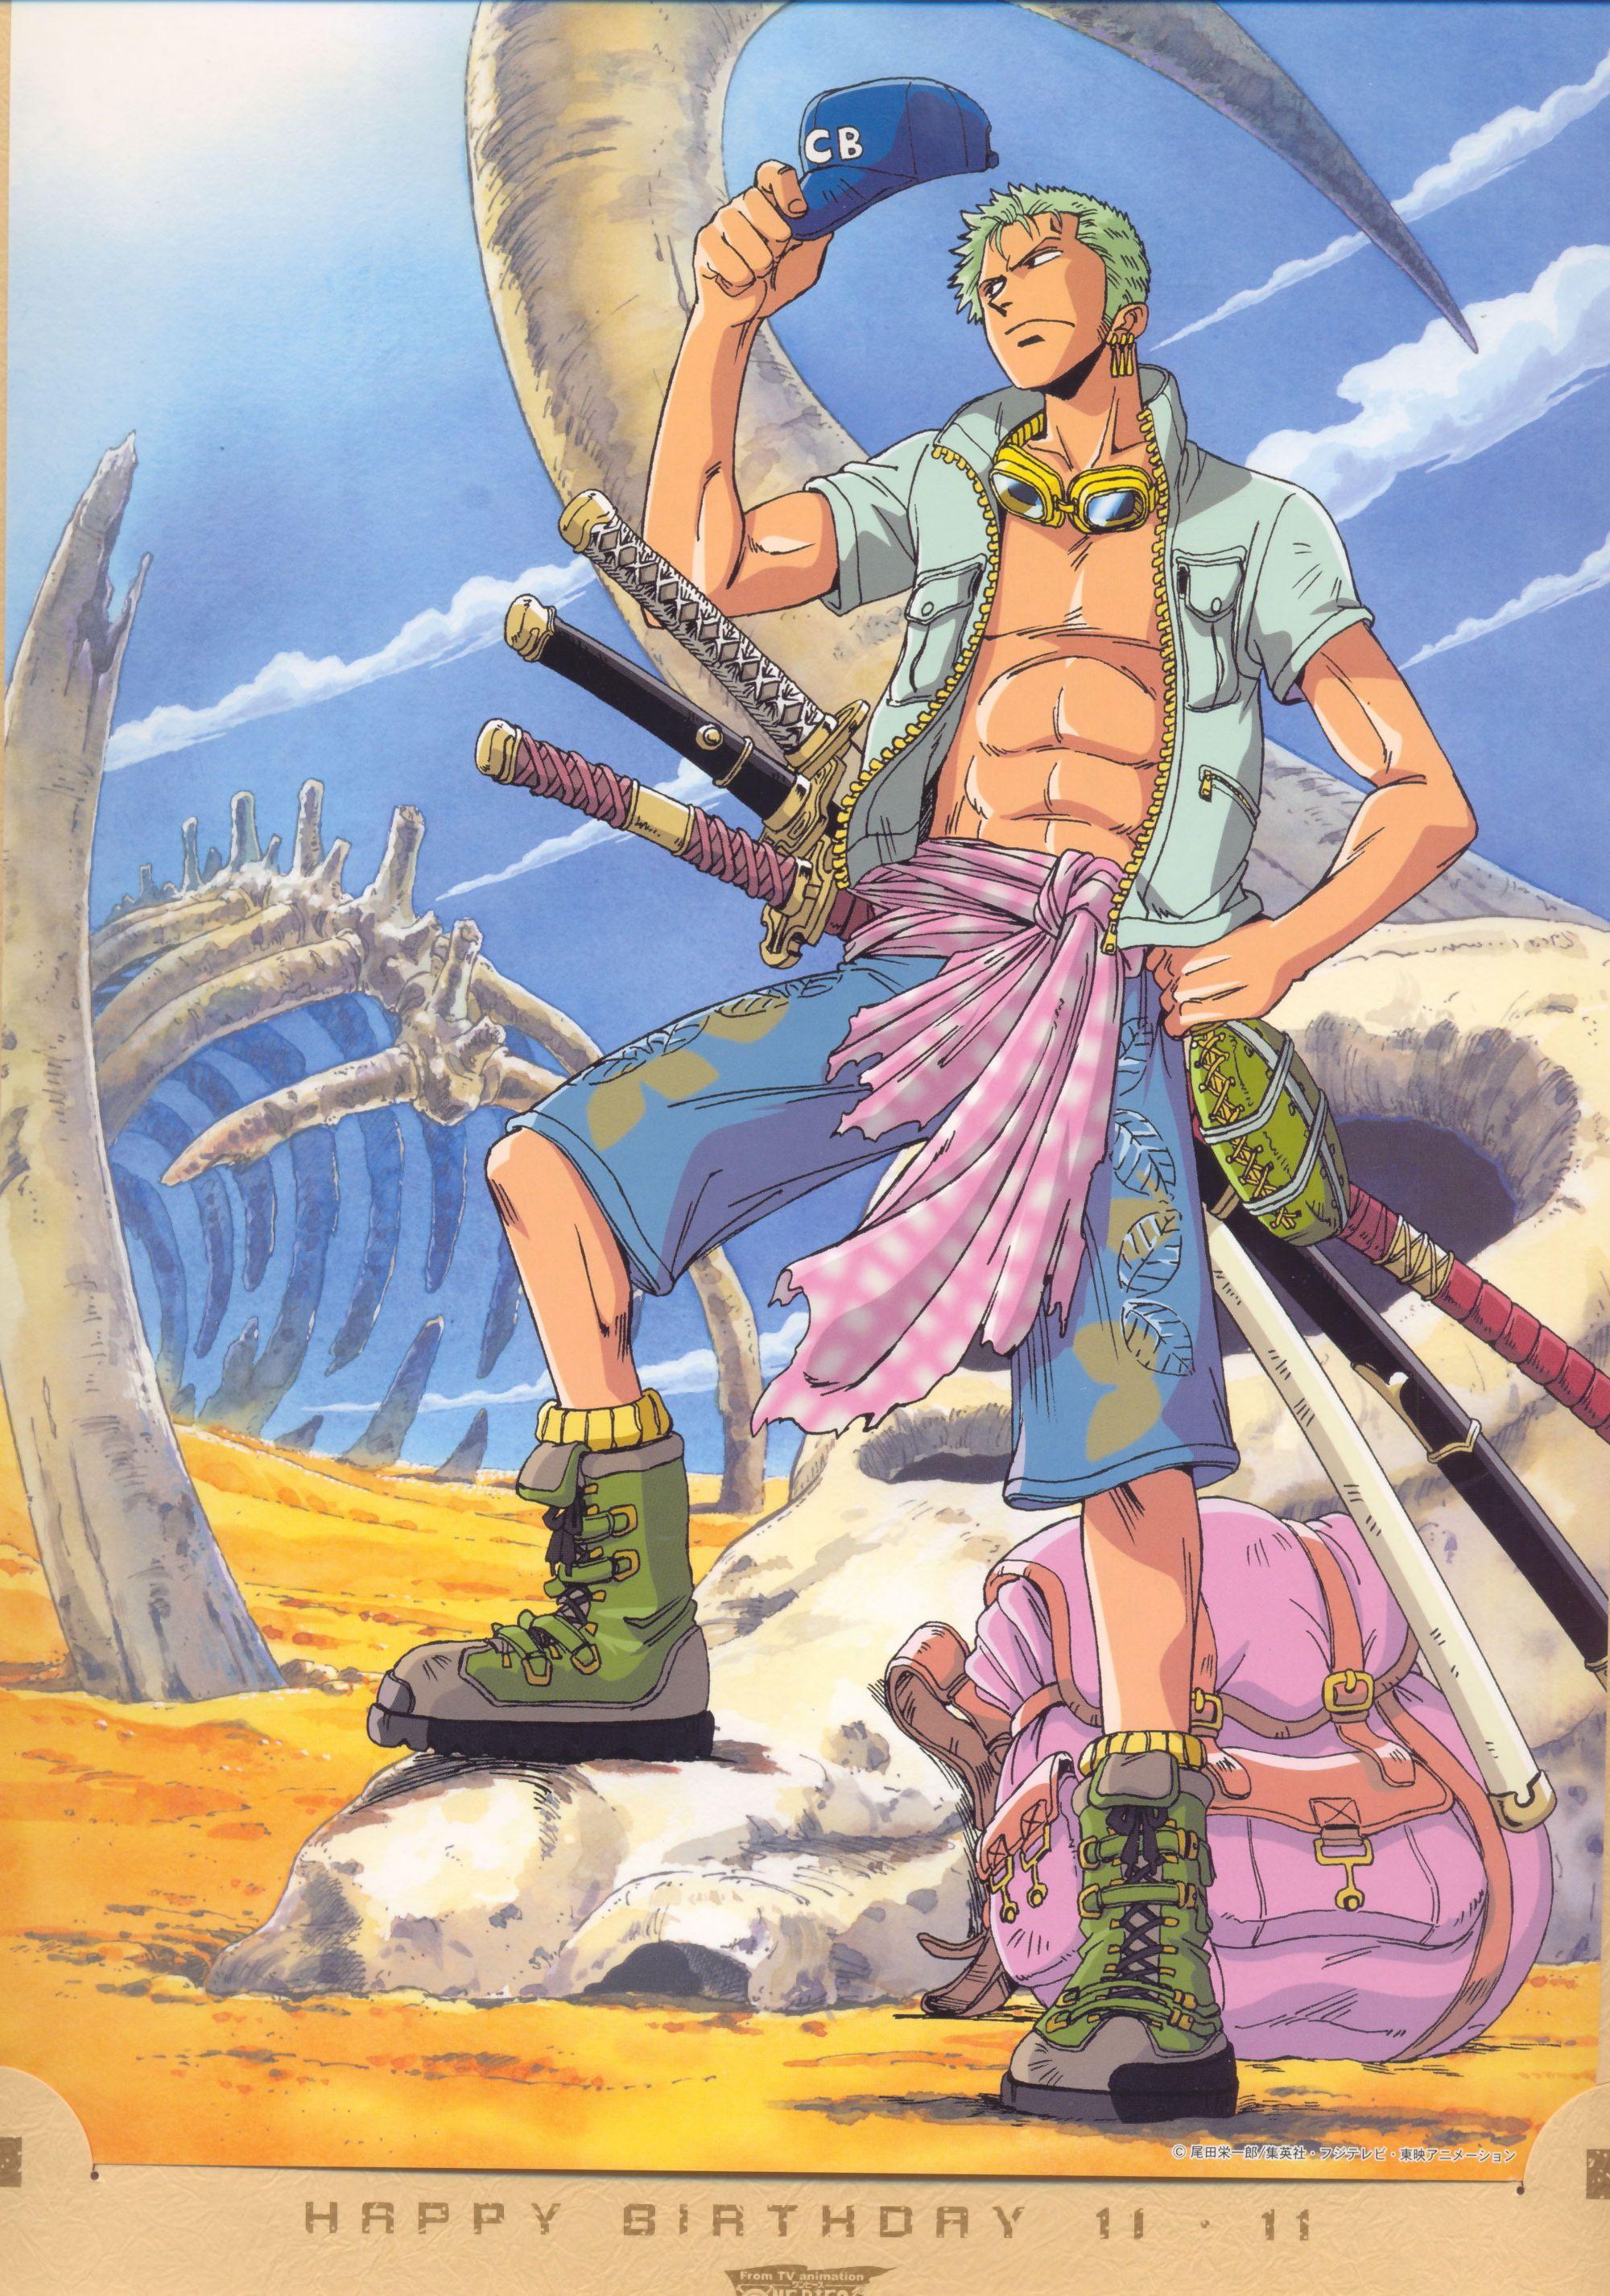 Imageboard Van Pies 10 TV (2008) / One Piece / anime